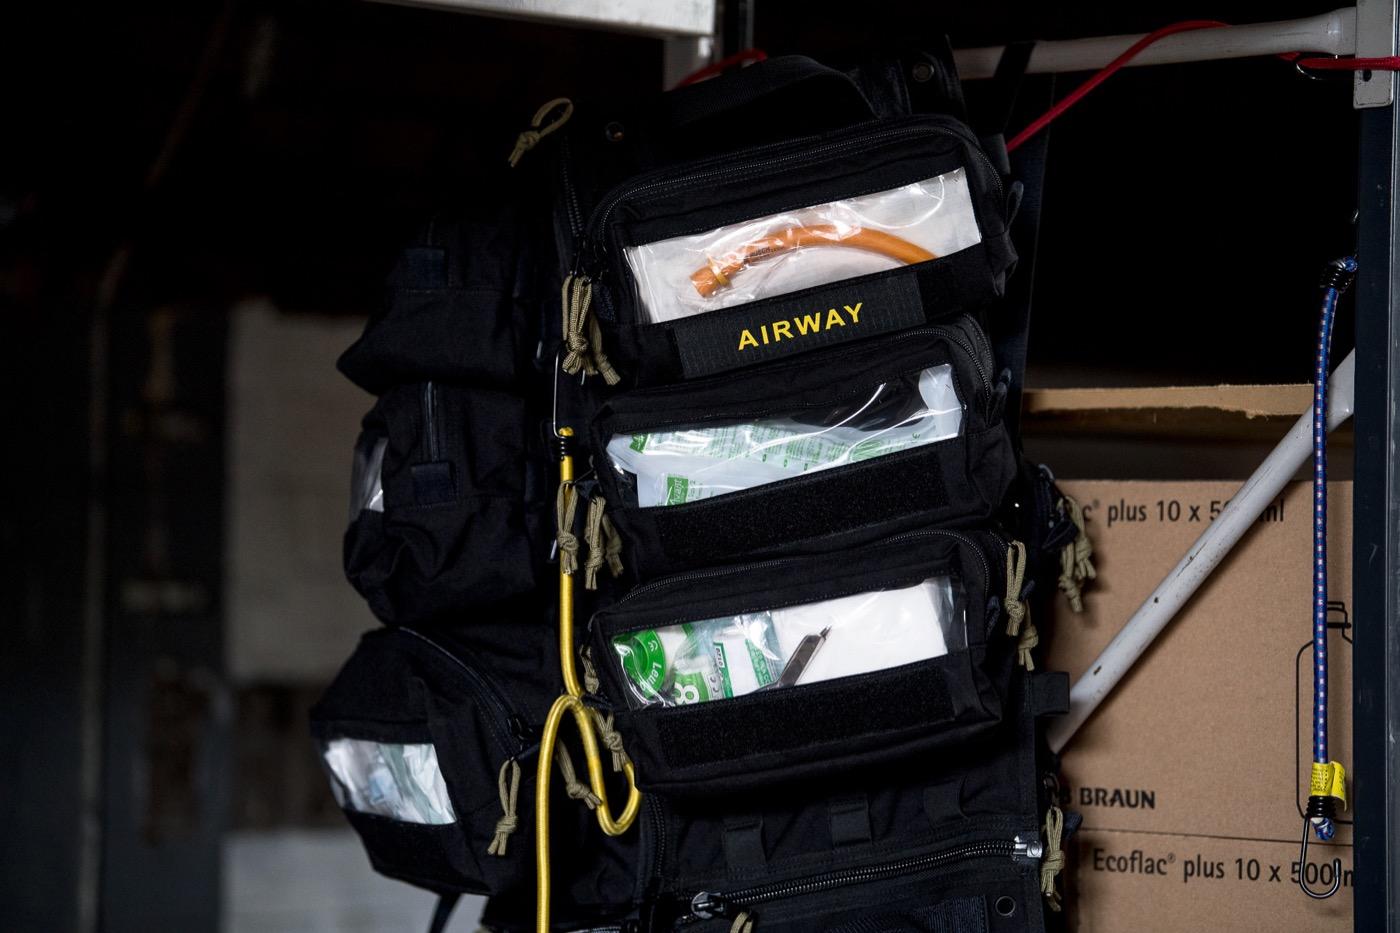 Ein Einsatzrucksack ist bestückt mit medizinischem Equipment und Arznei.